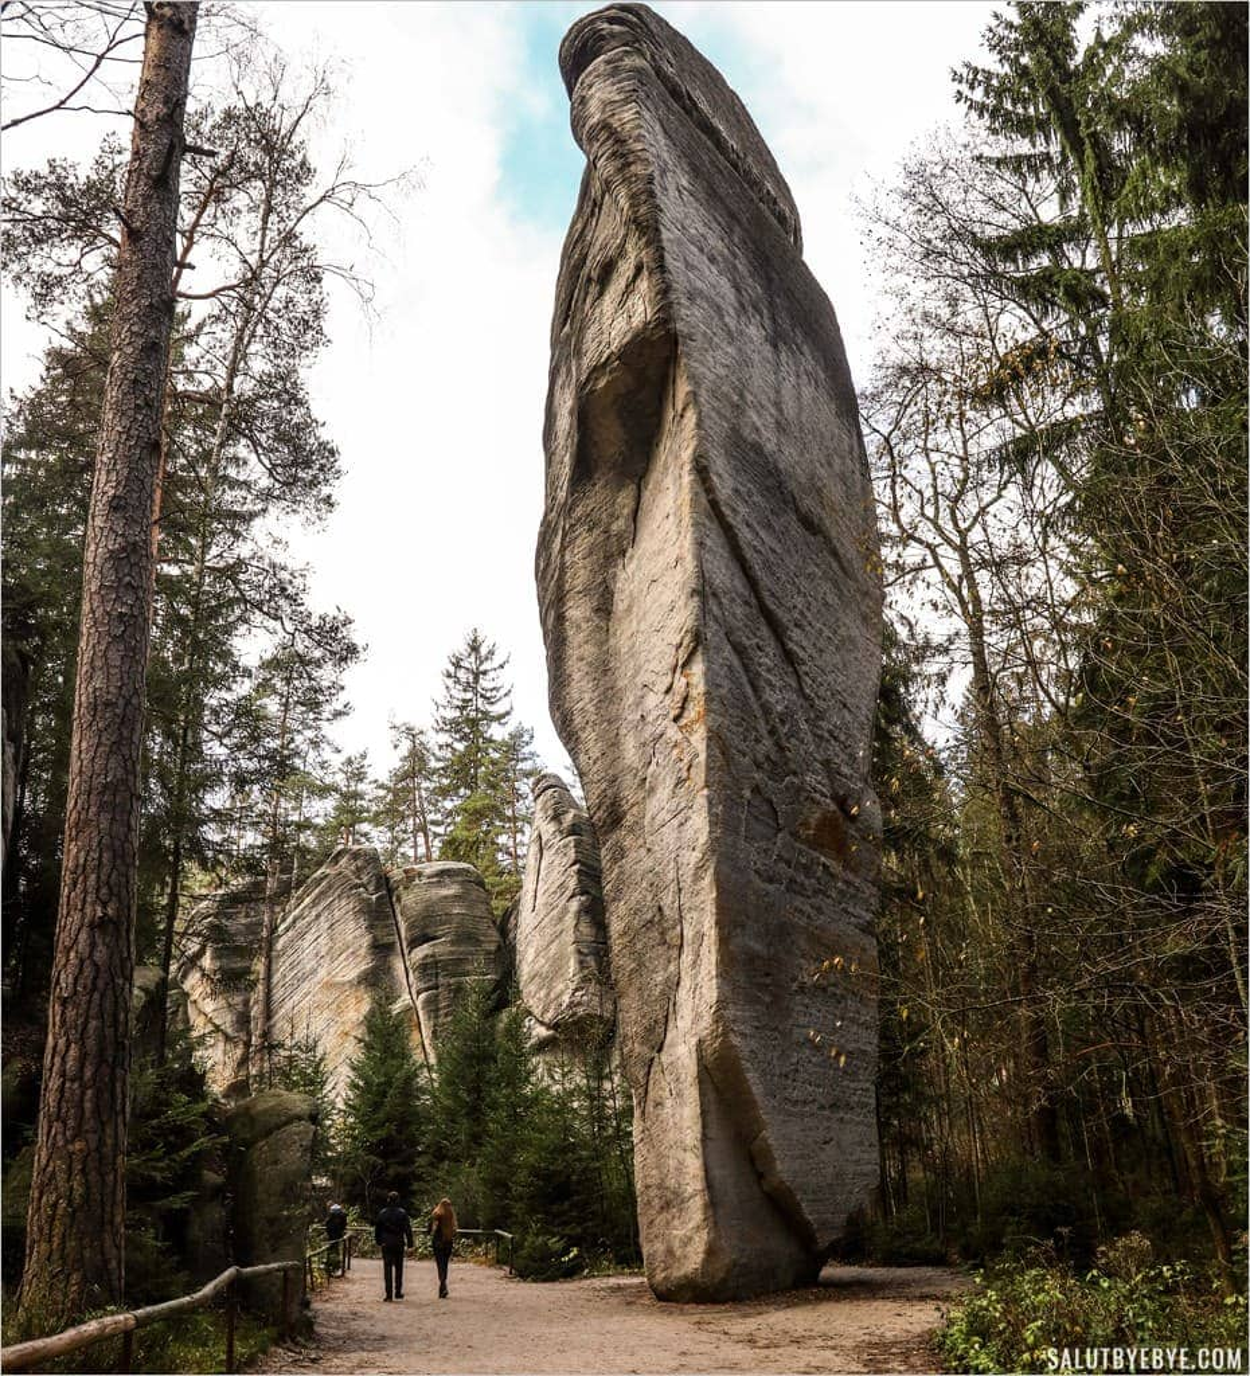 Le cornet de glace, parc d'Adrspach Teplice en République Tchèque